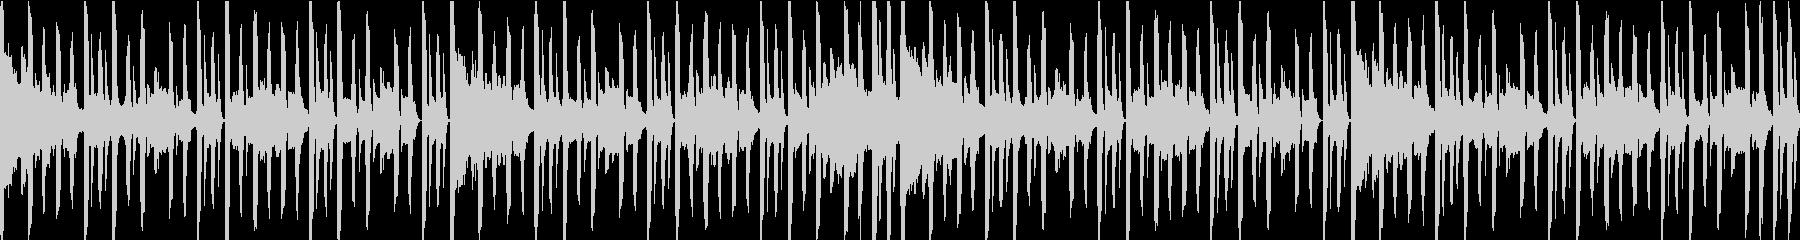 スタイリッシュなBGMループ仕様の未再生の波形